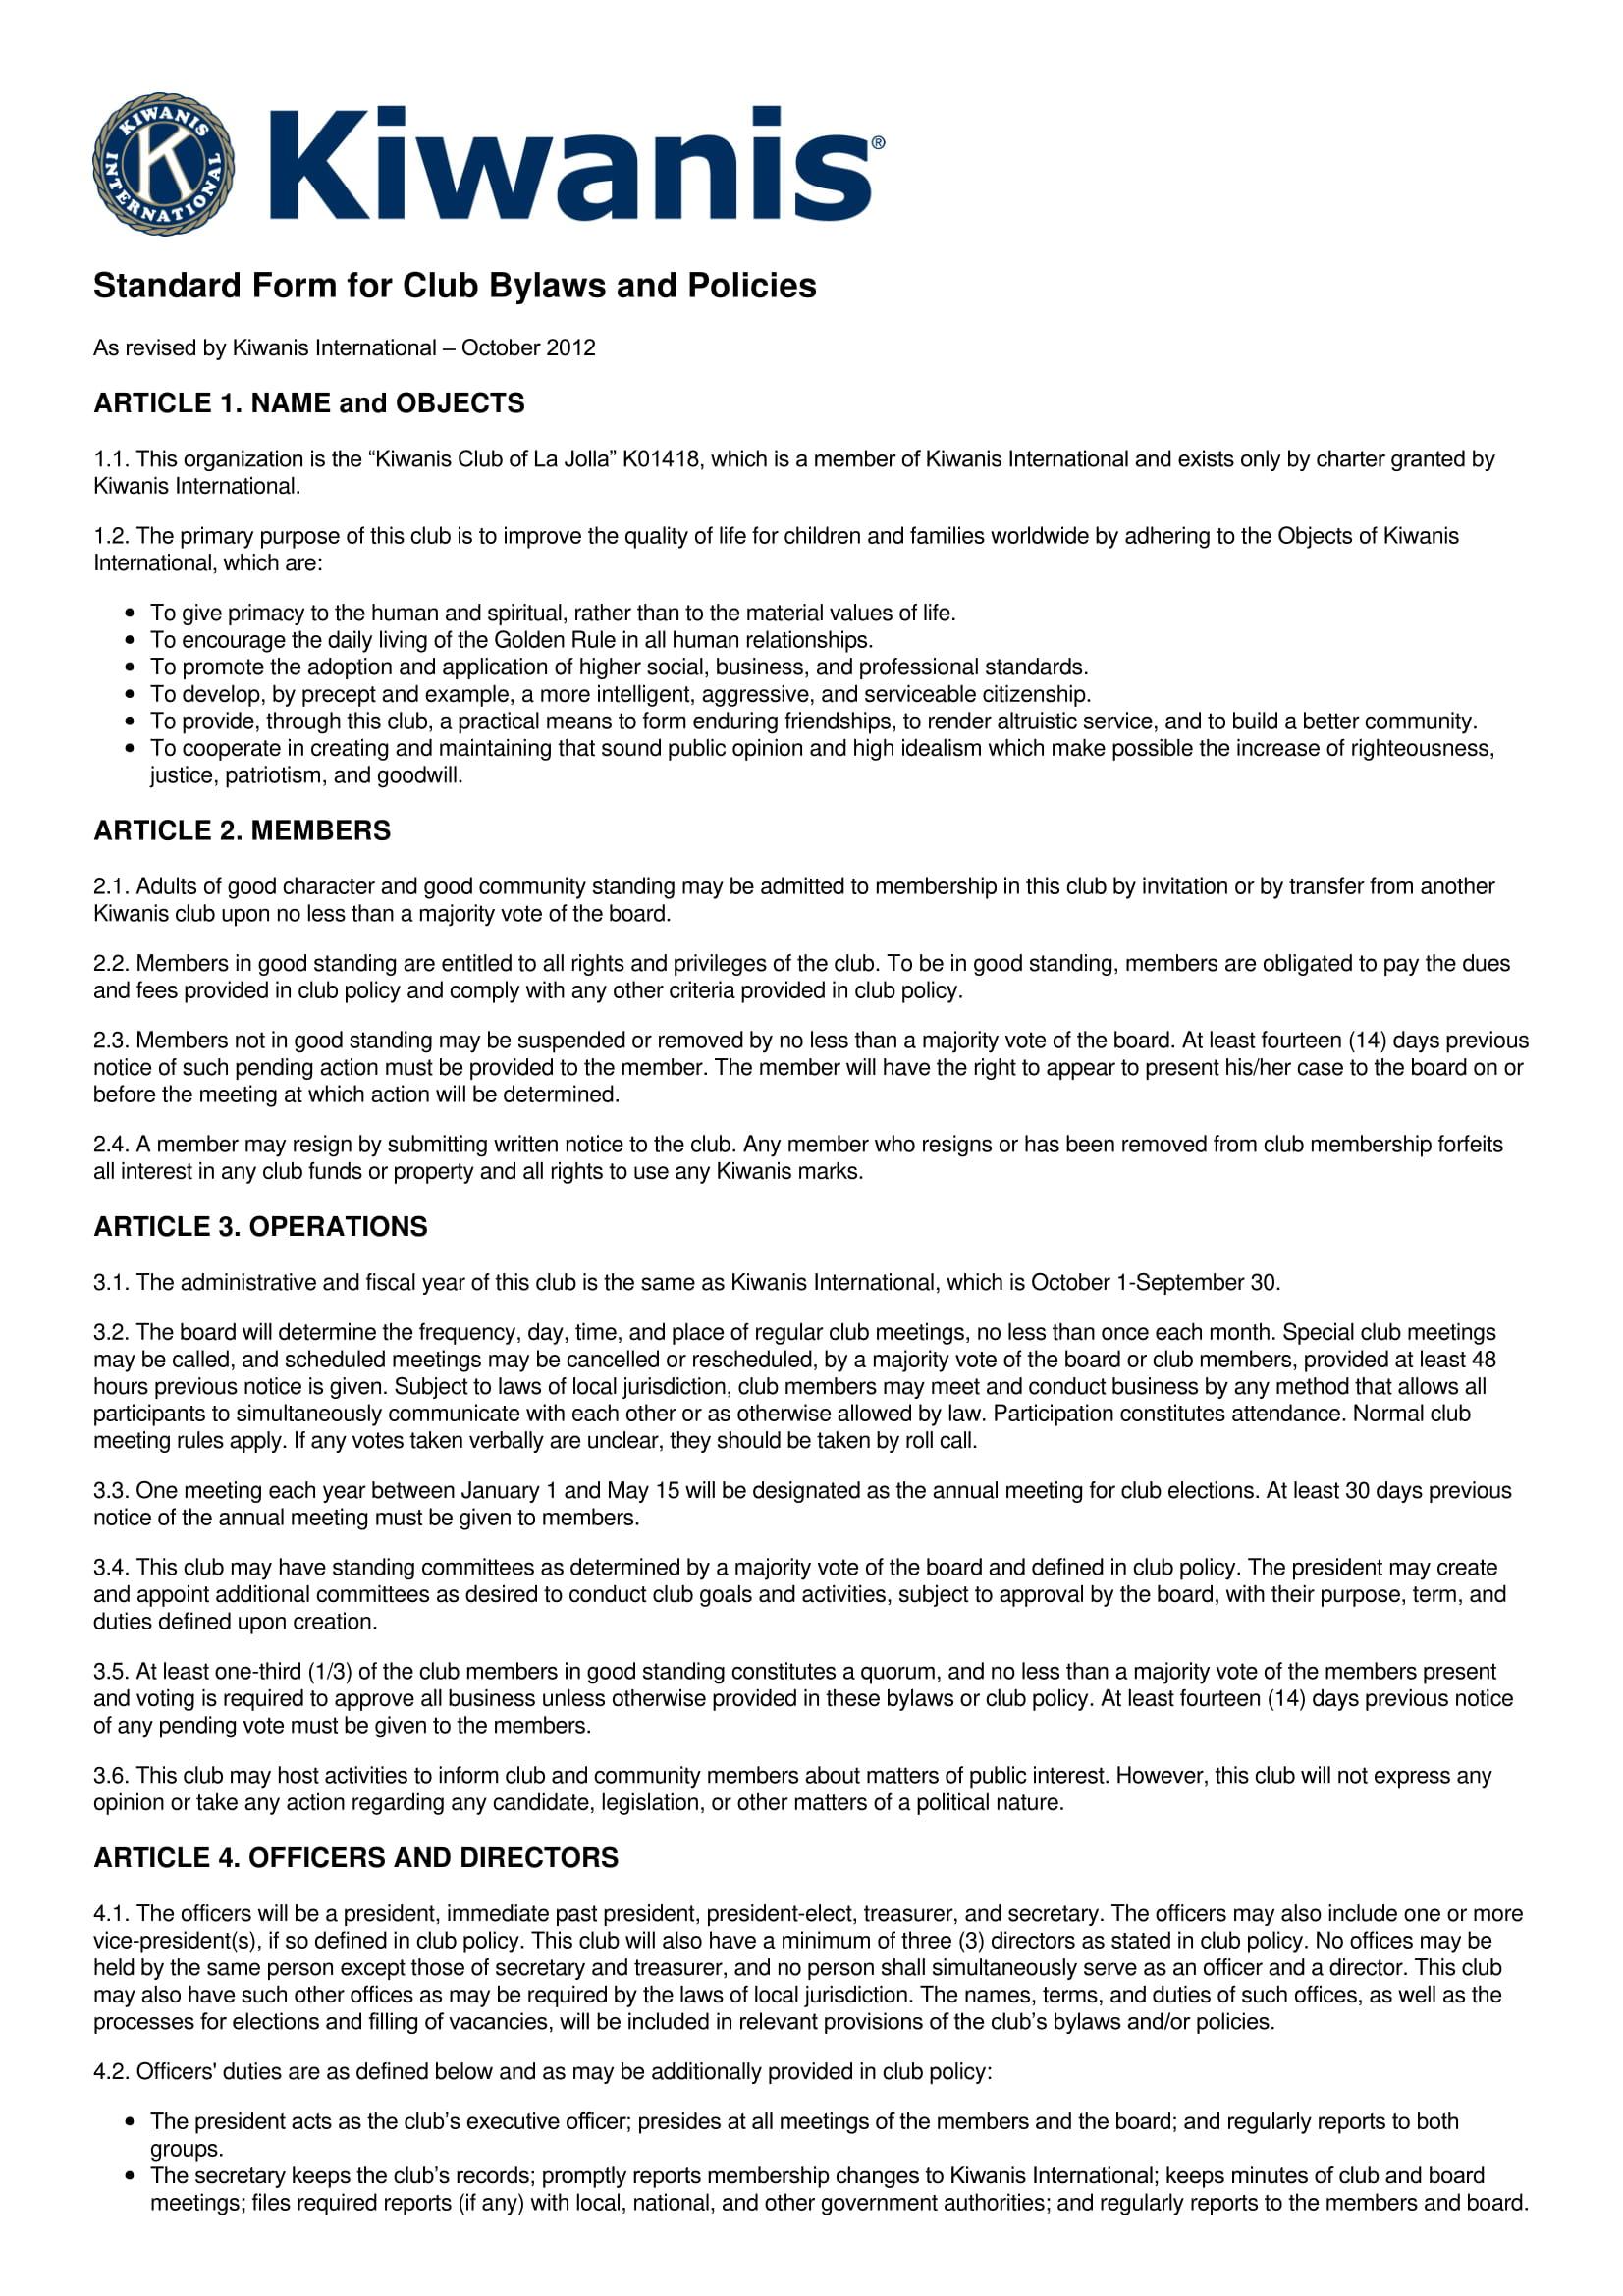 standard club bylaw form